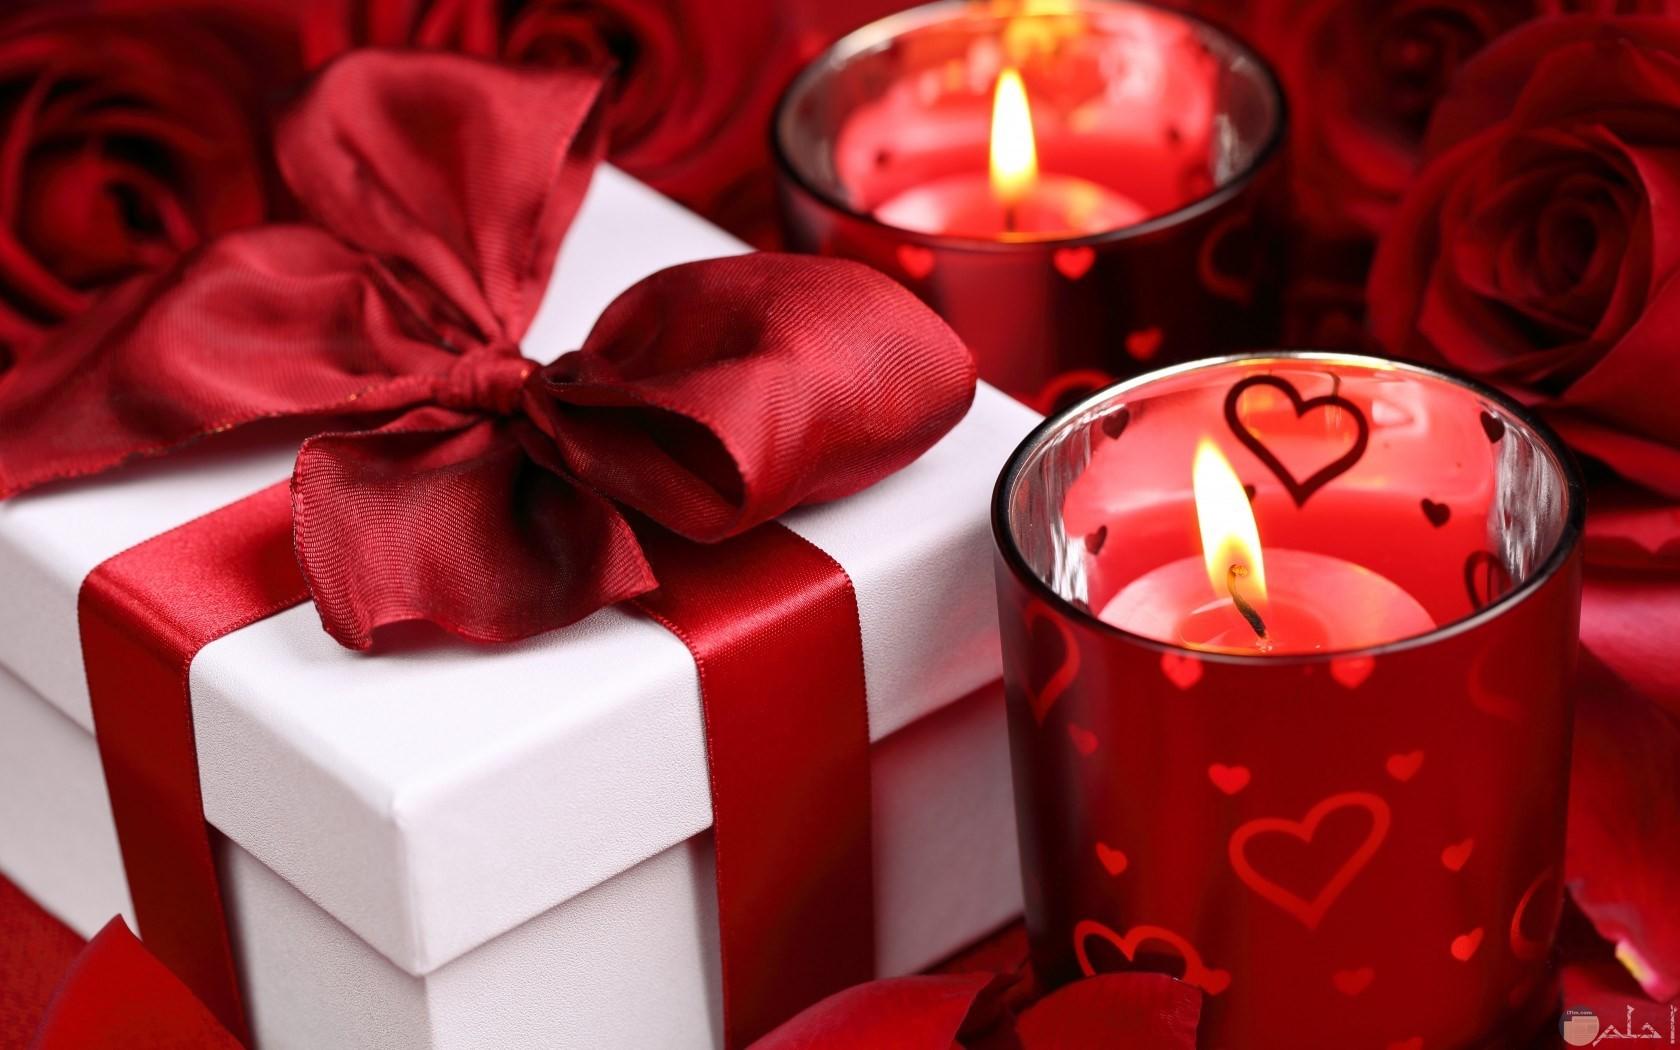 كاسات شمع احمر وهديه محاطه بورود حمراء تناسب مناسبات سعيدة مختلفة